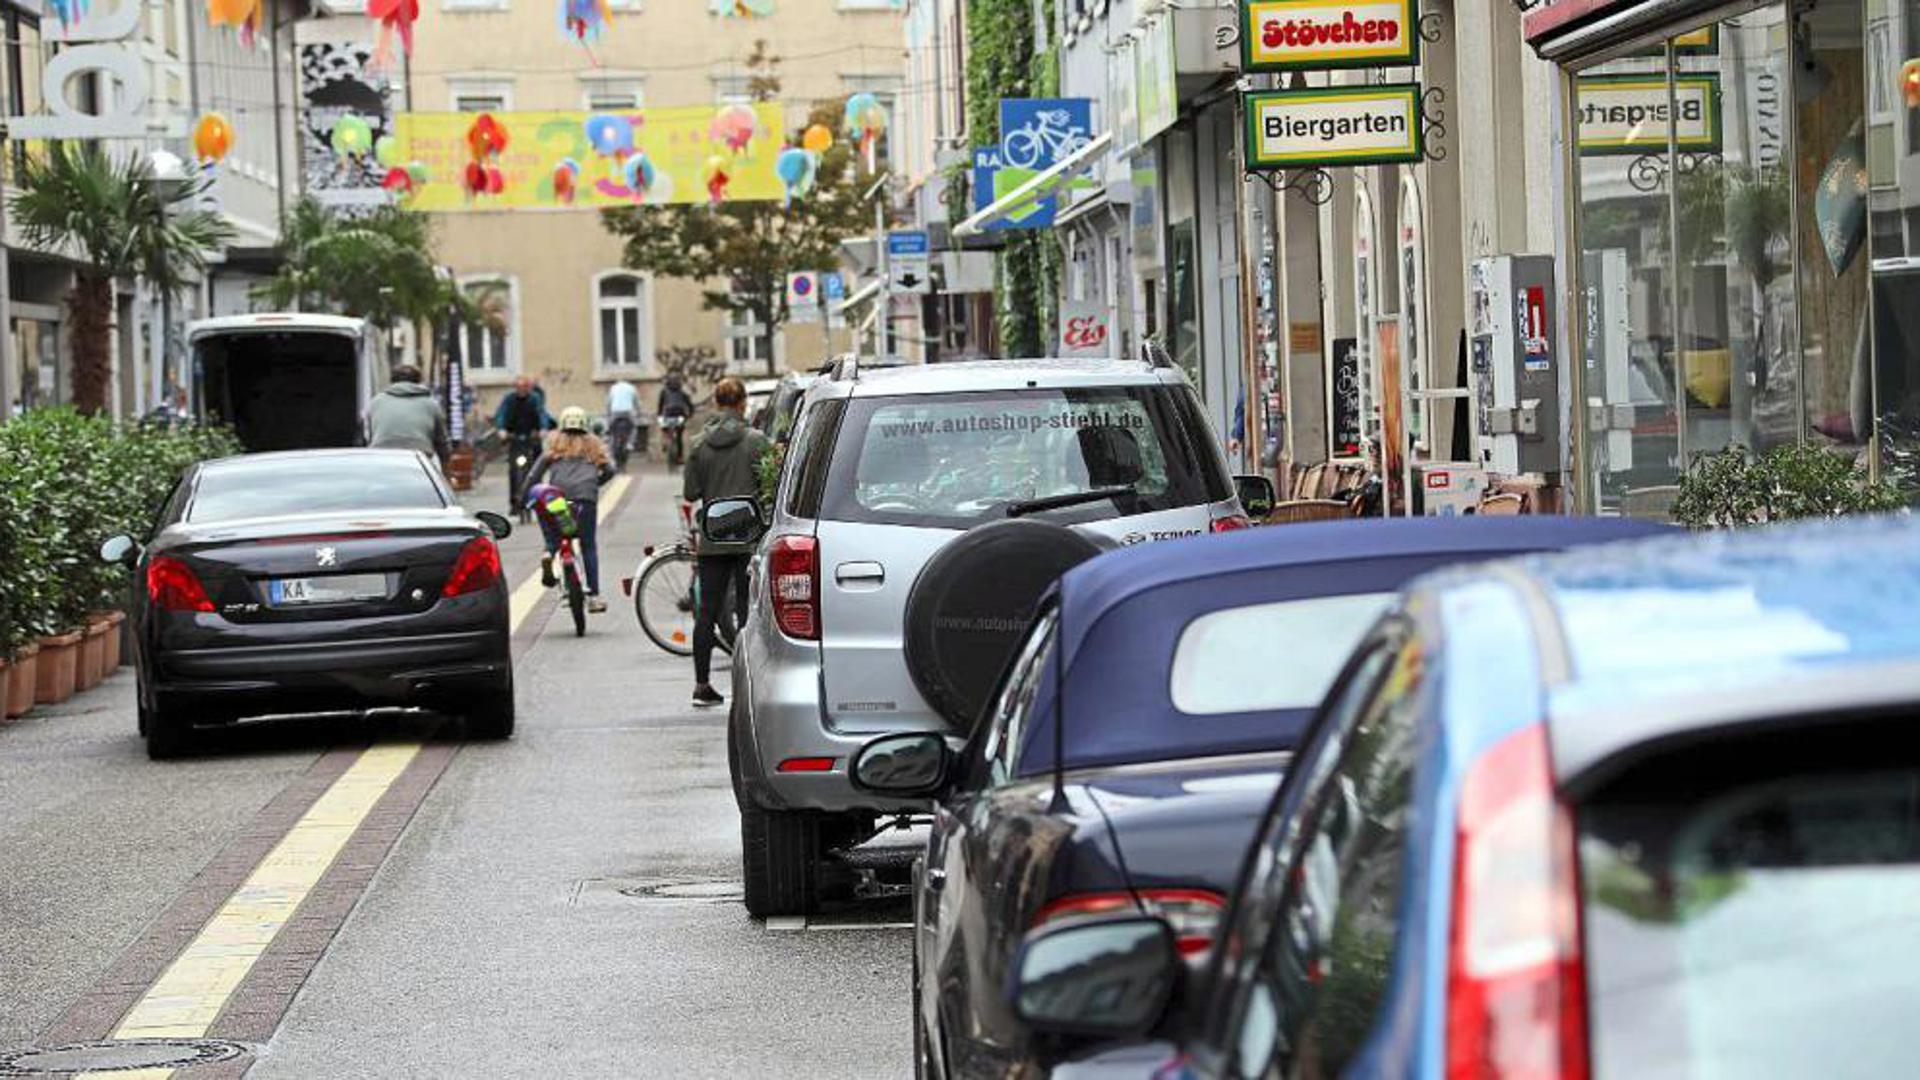 Autoverkehr und Parkflächen in der Südliche Waldstraße könnten bald Geschichte sein: Im Karlsruher Gemeinderat wurde ein entsprechender Antrag gestellt. Nun ist der Planungsausschuss am Zug.